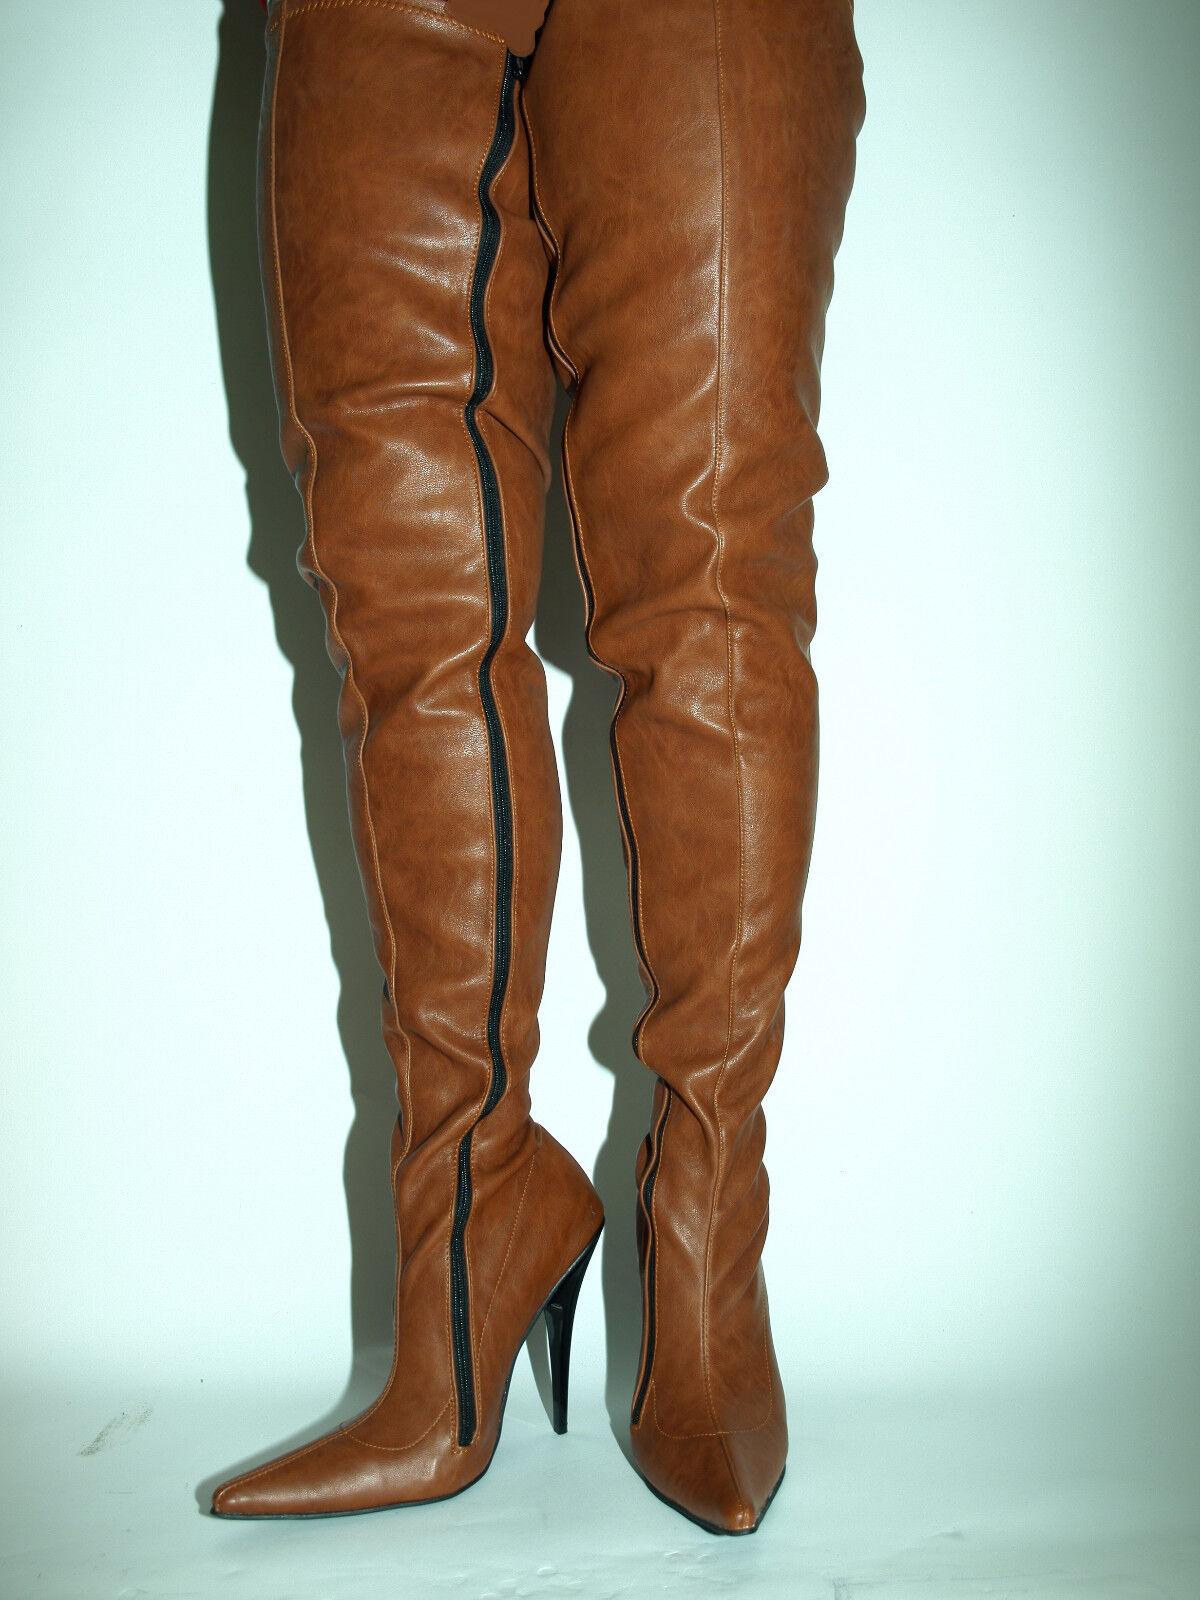 Piel sintética marrón heel 13cm Talla 35-47 - fashion style bolingier Poland